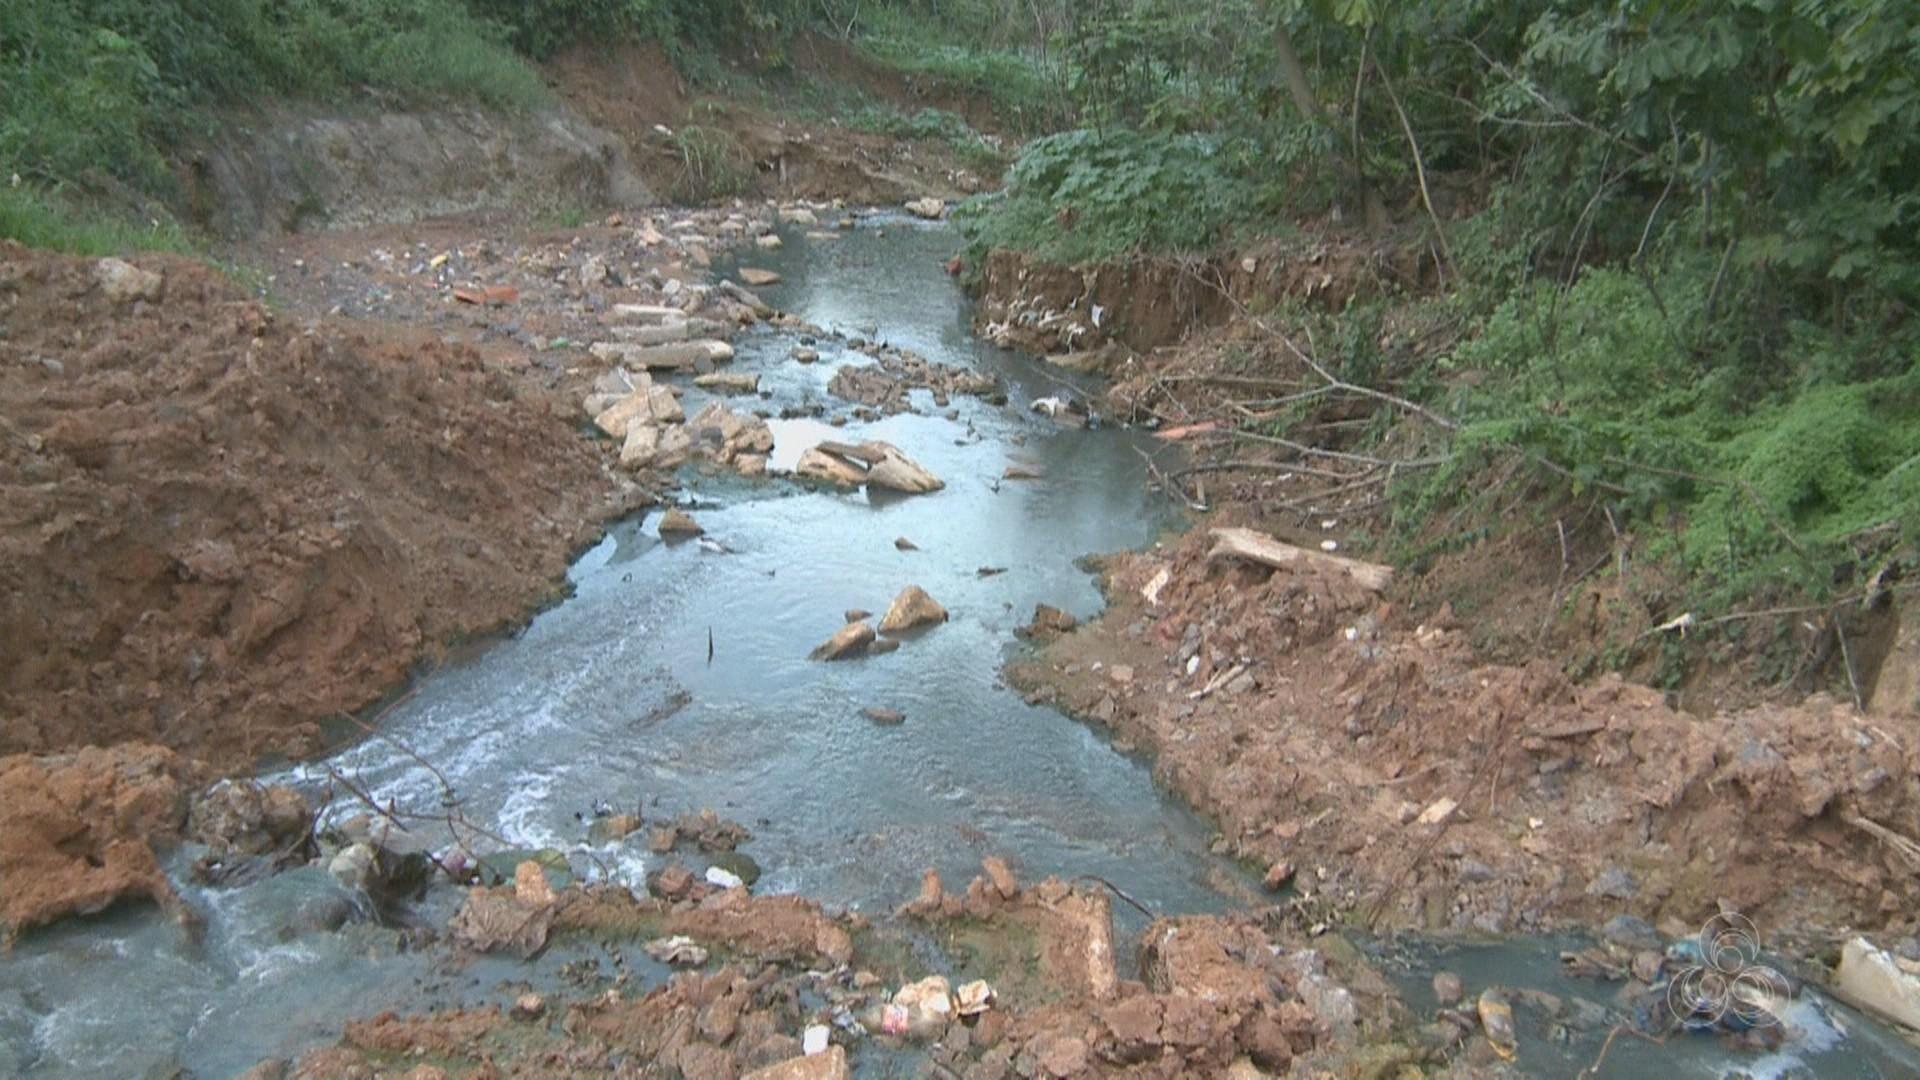 Rio Branco fica entre as dez cidades do país com pior saneamento básico, aponta estudo